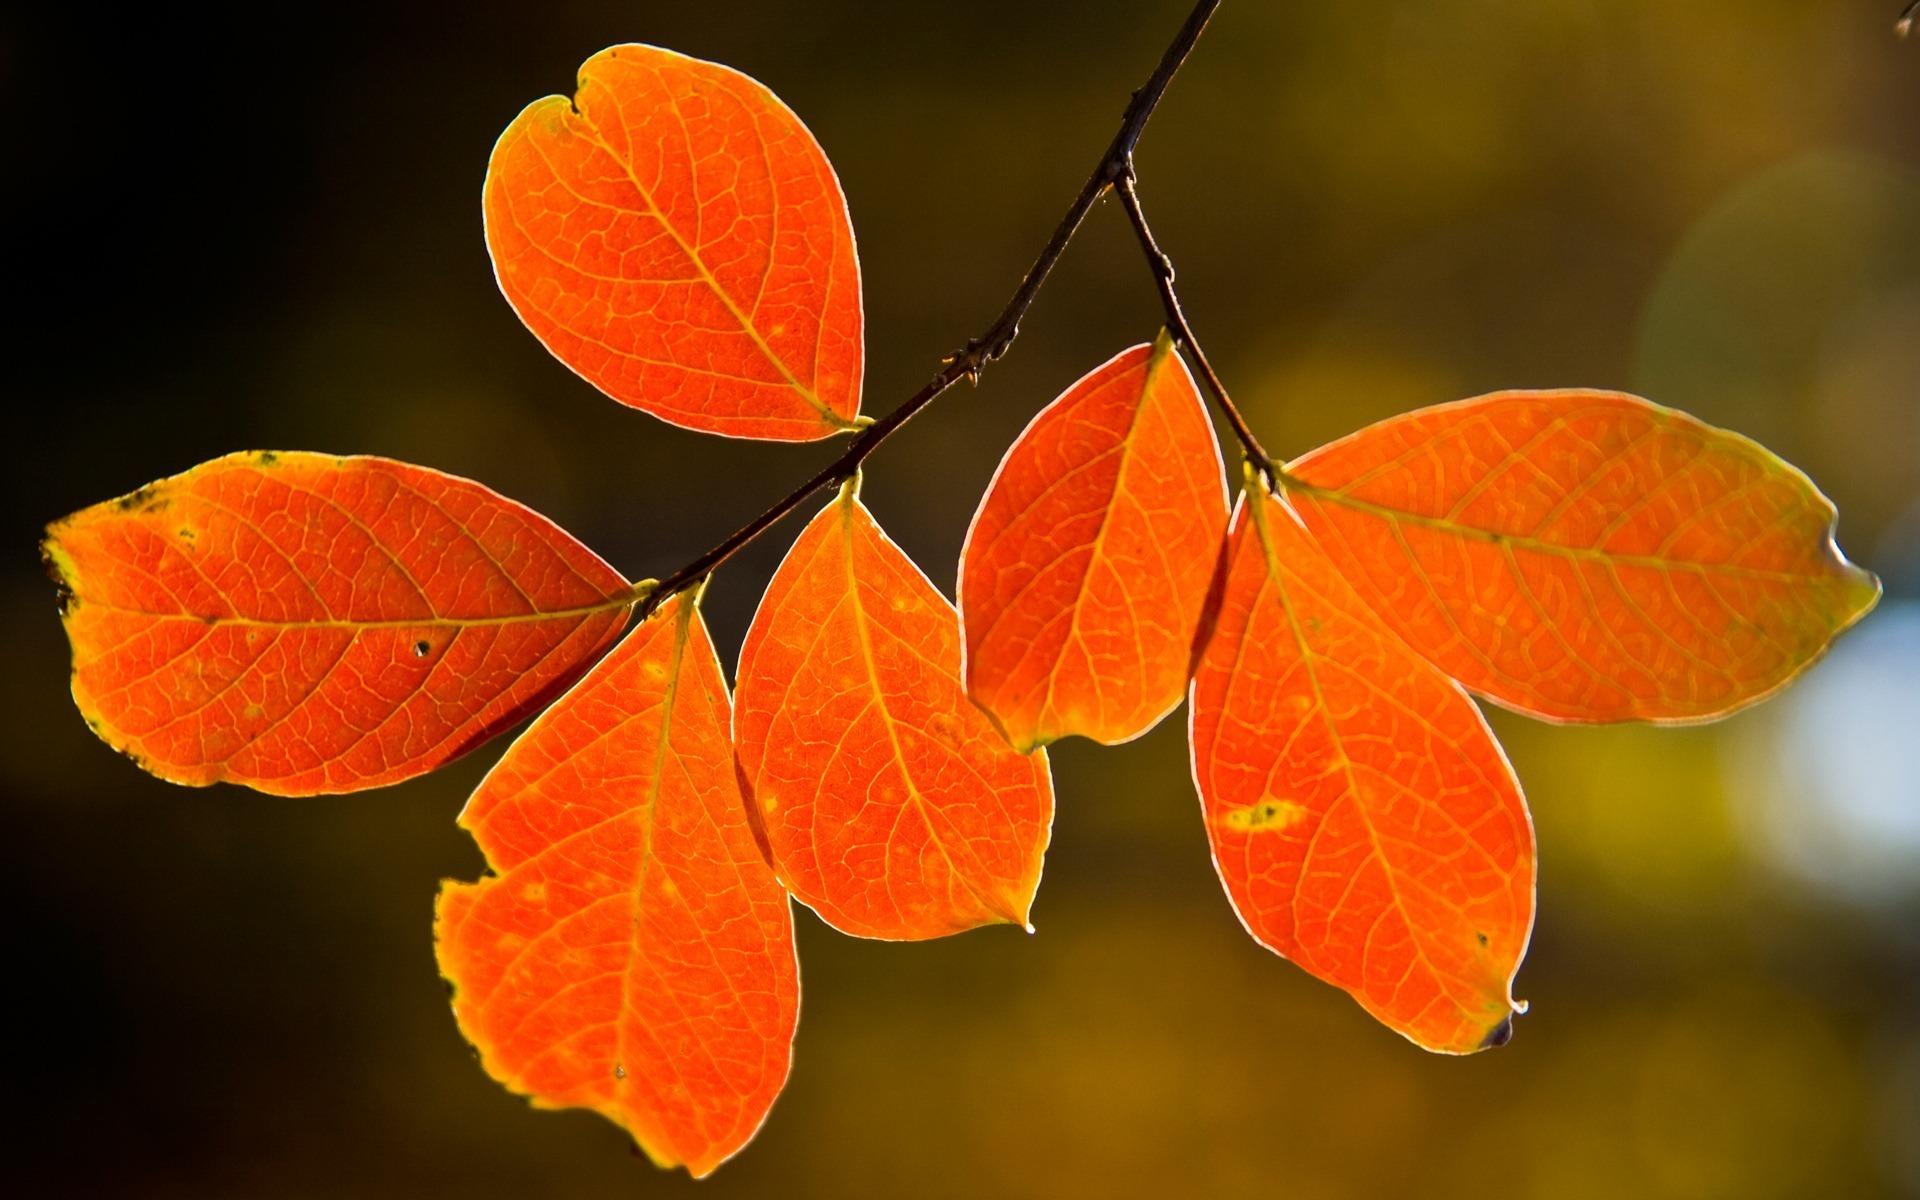 картинки осенних листиков деревьев позже благодаря